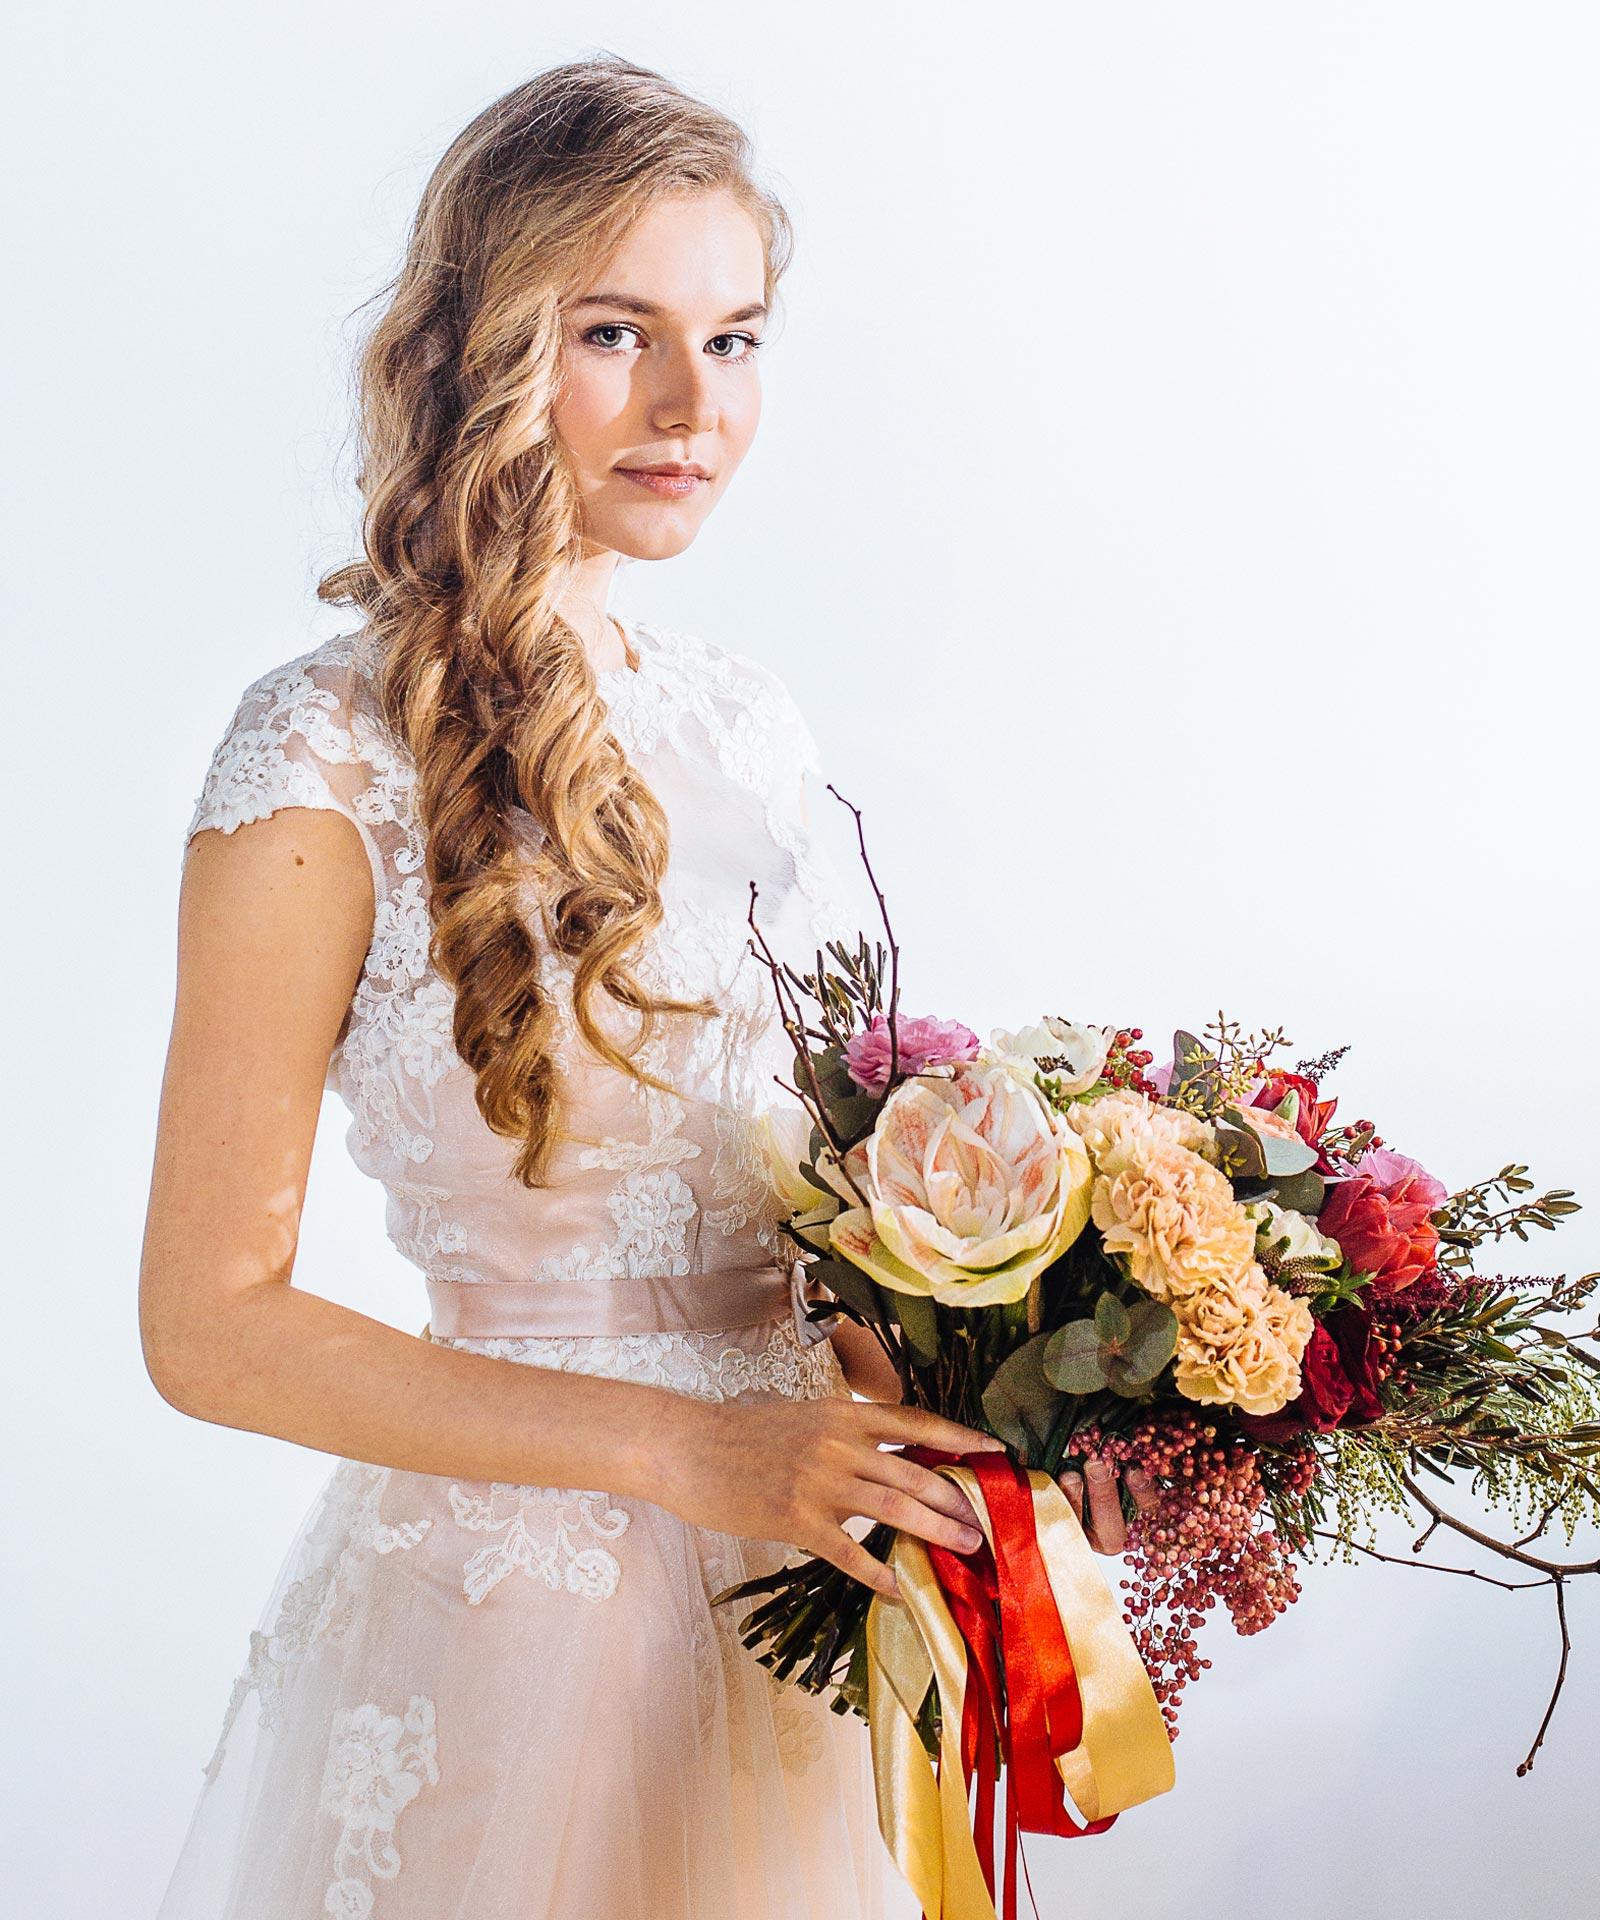 Асимметричный букет для невесты фото 4